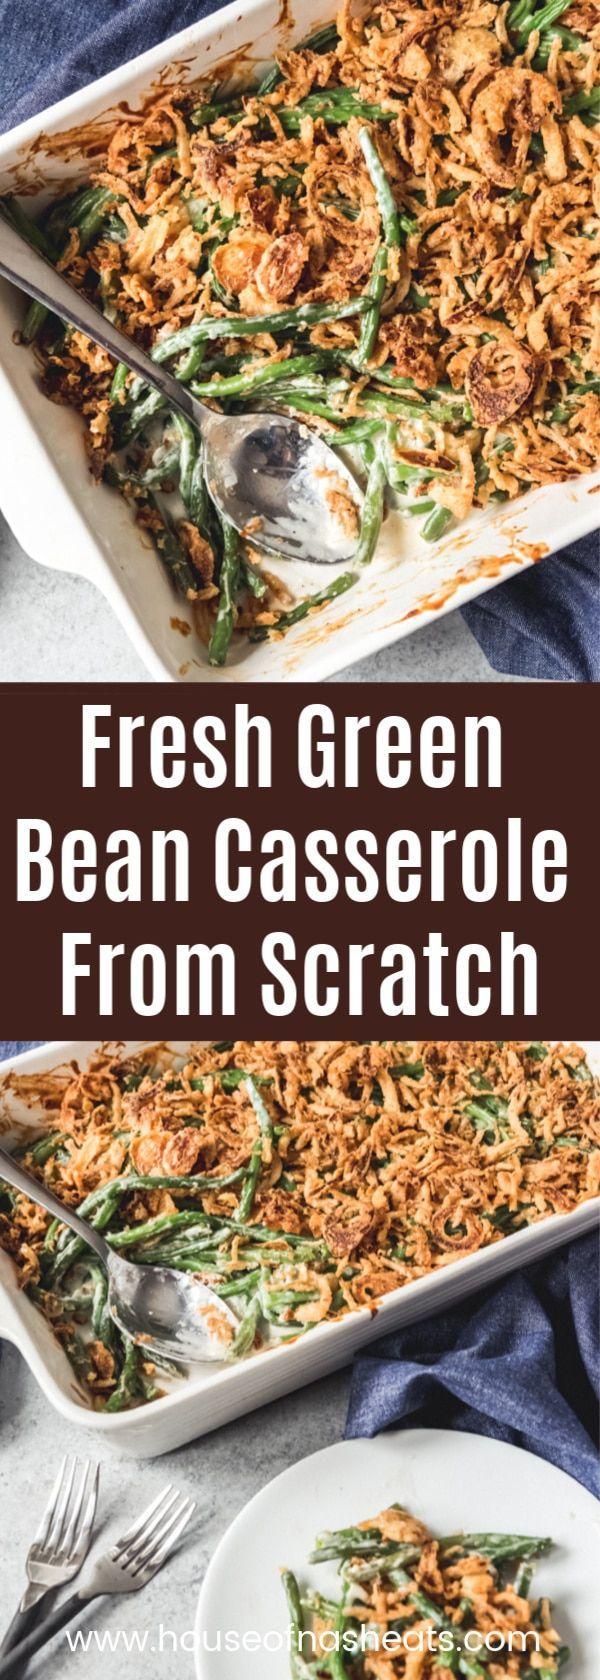 Fresh Green Bean Casserole images